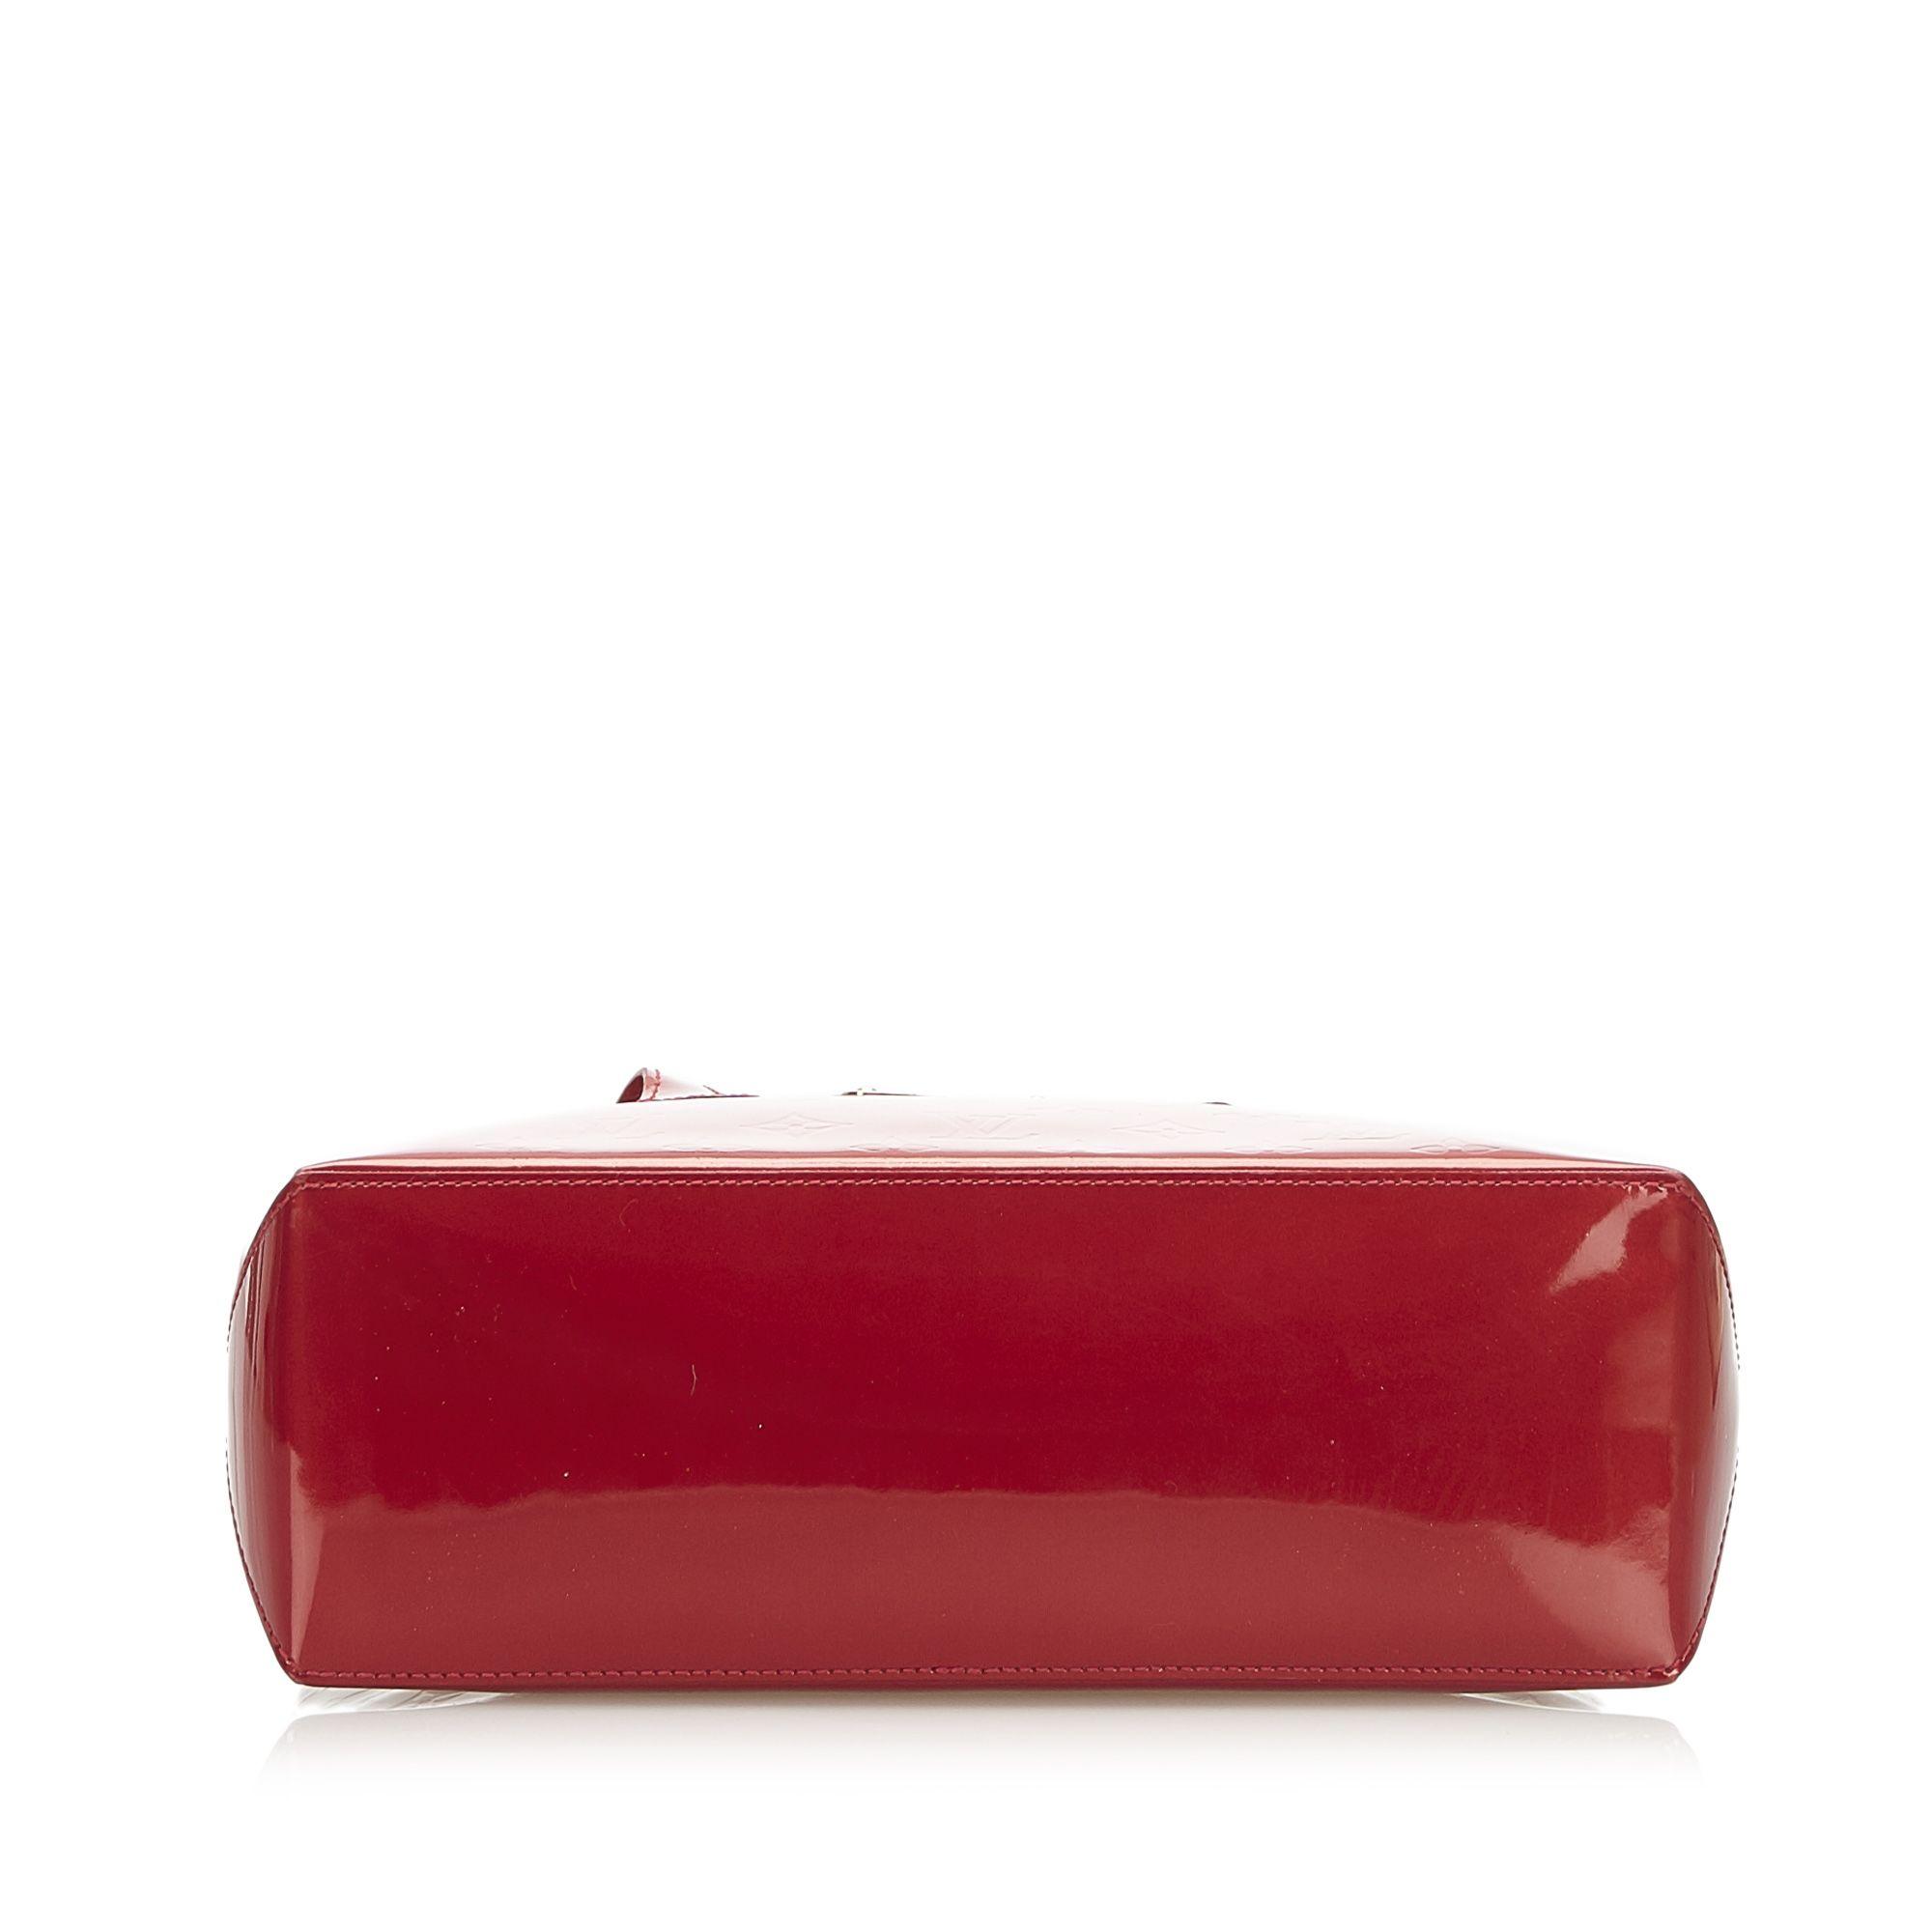 Vintage Louis Vuitton Vernis Wilshire PM Red